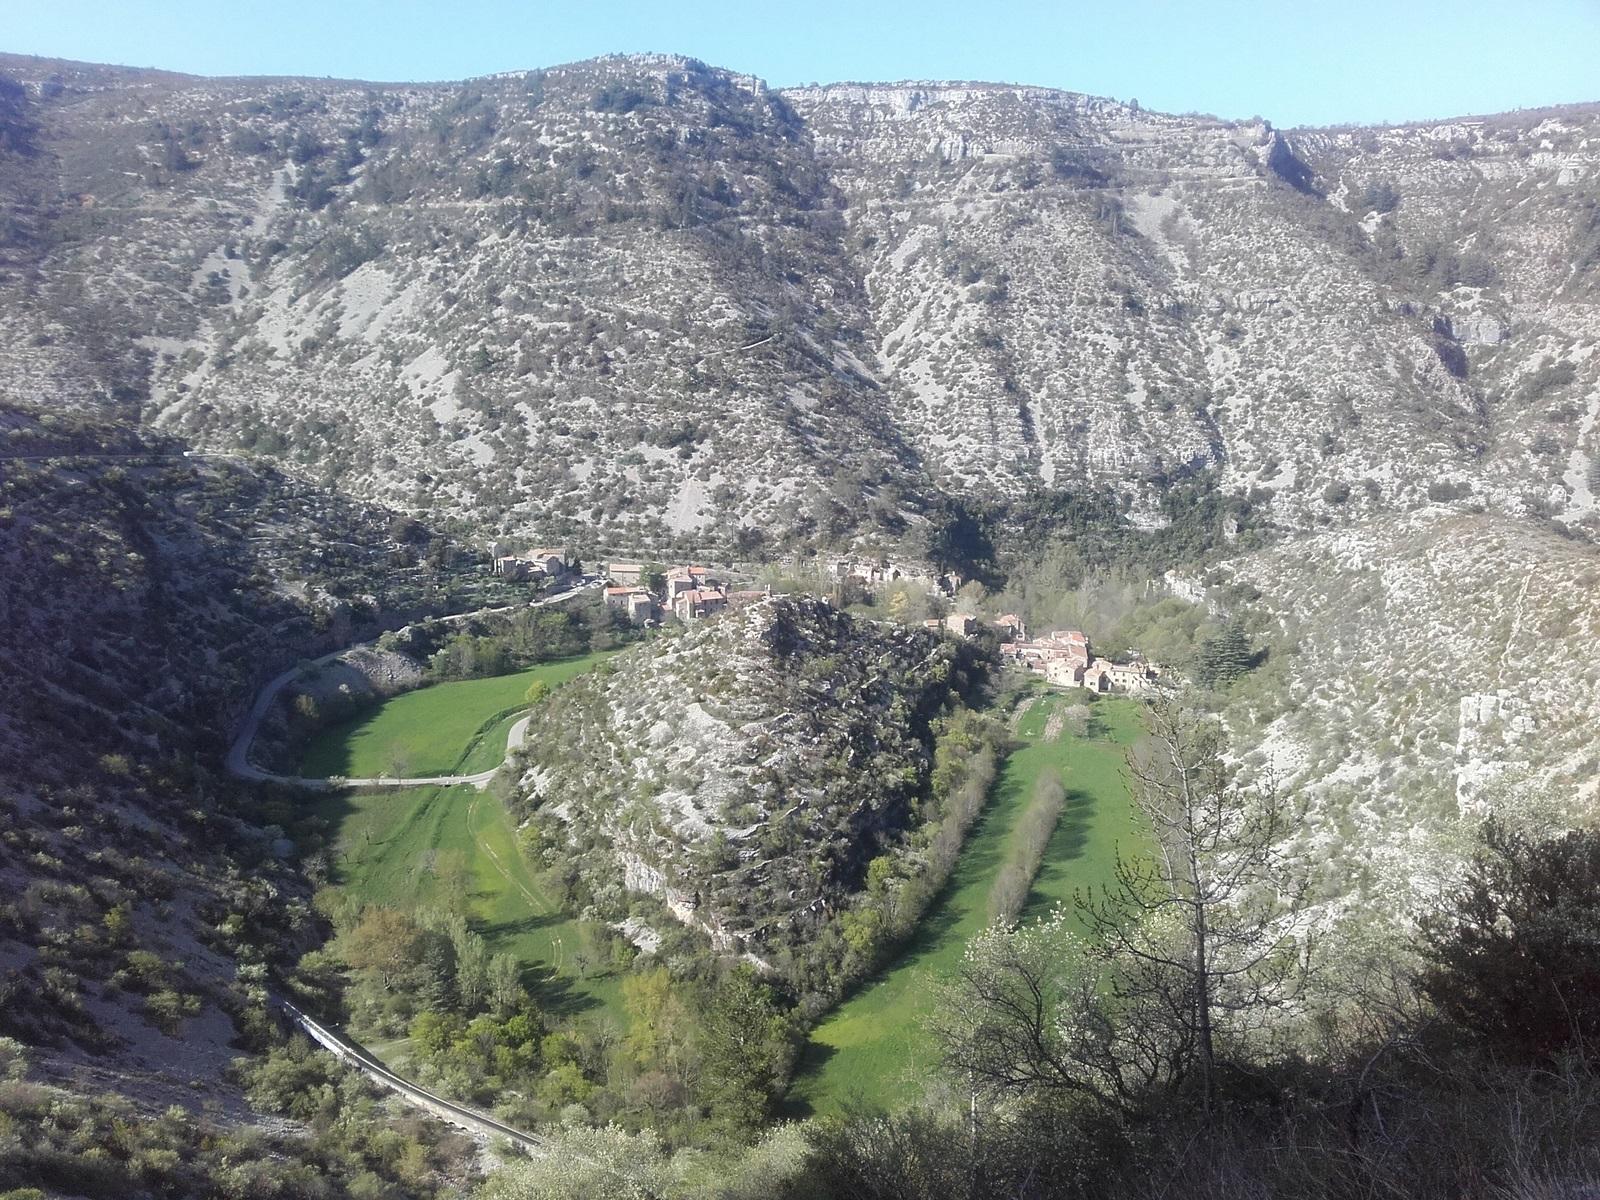 Le cirque de Navacelles vu depuis le Sud (Hérault). Le gros des difficultés est passé, profitez jusque Camarès.